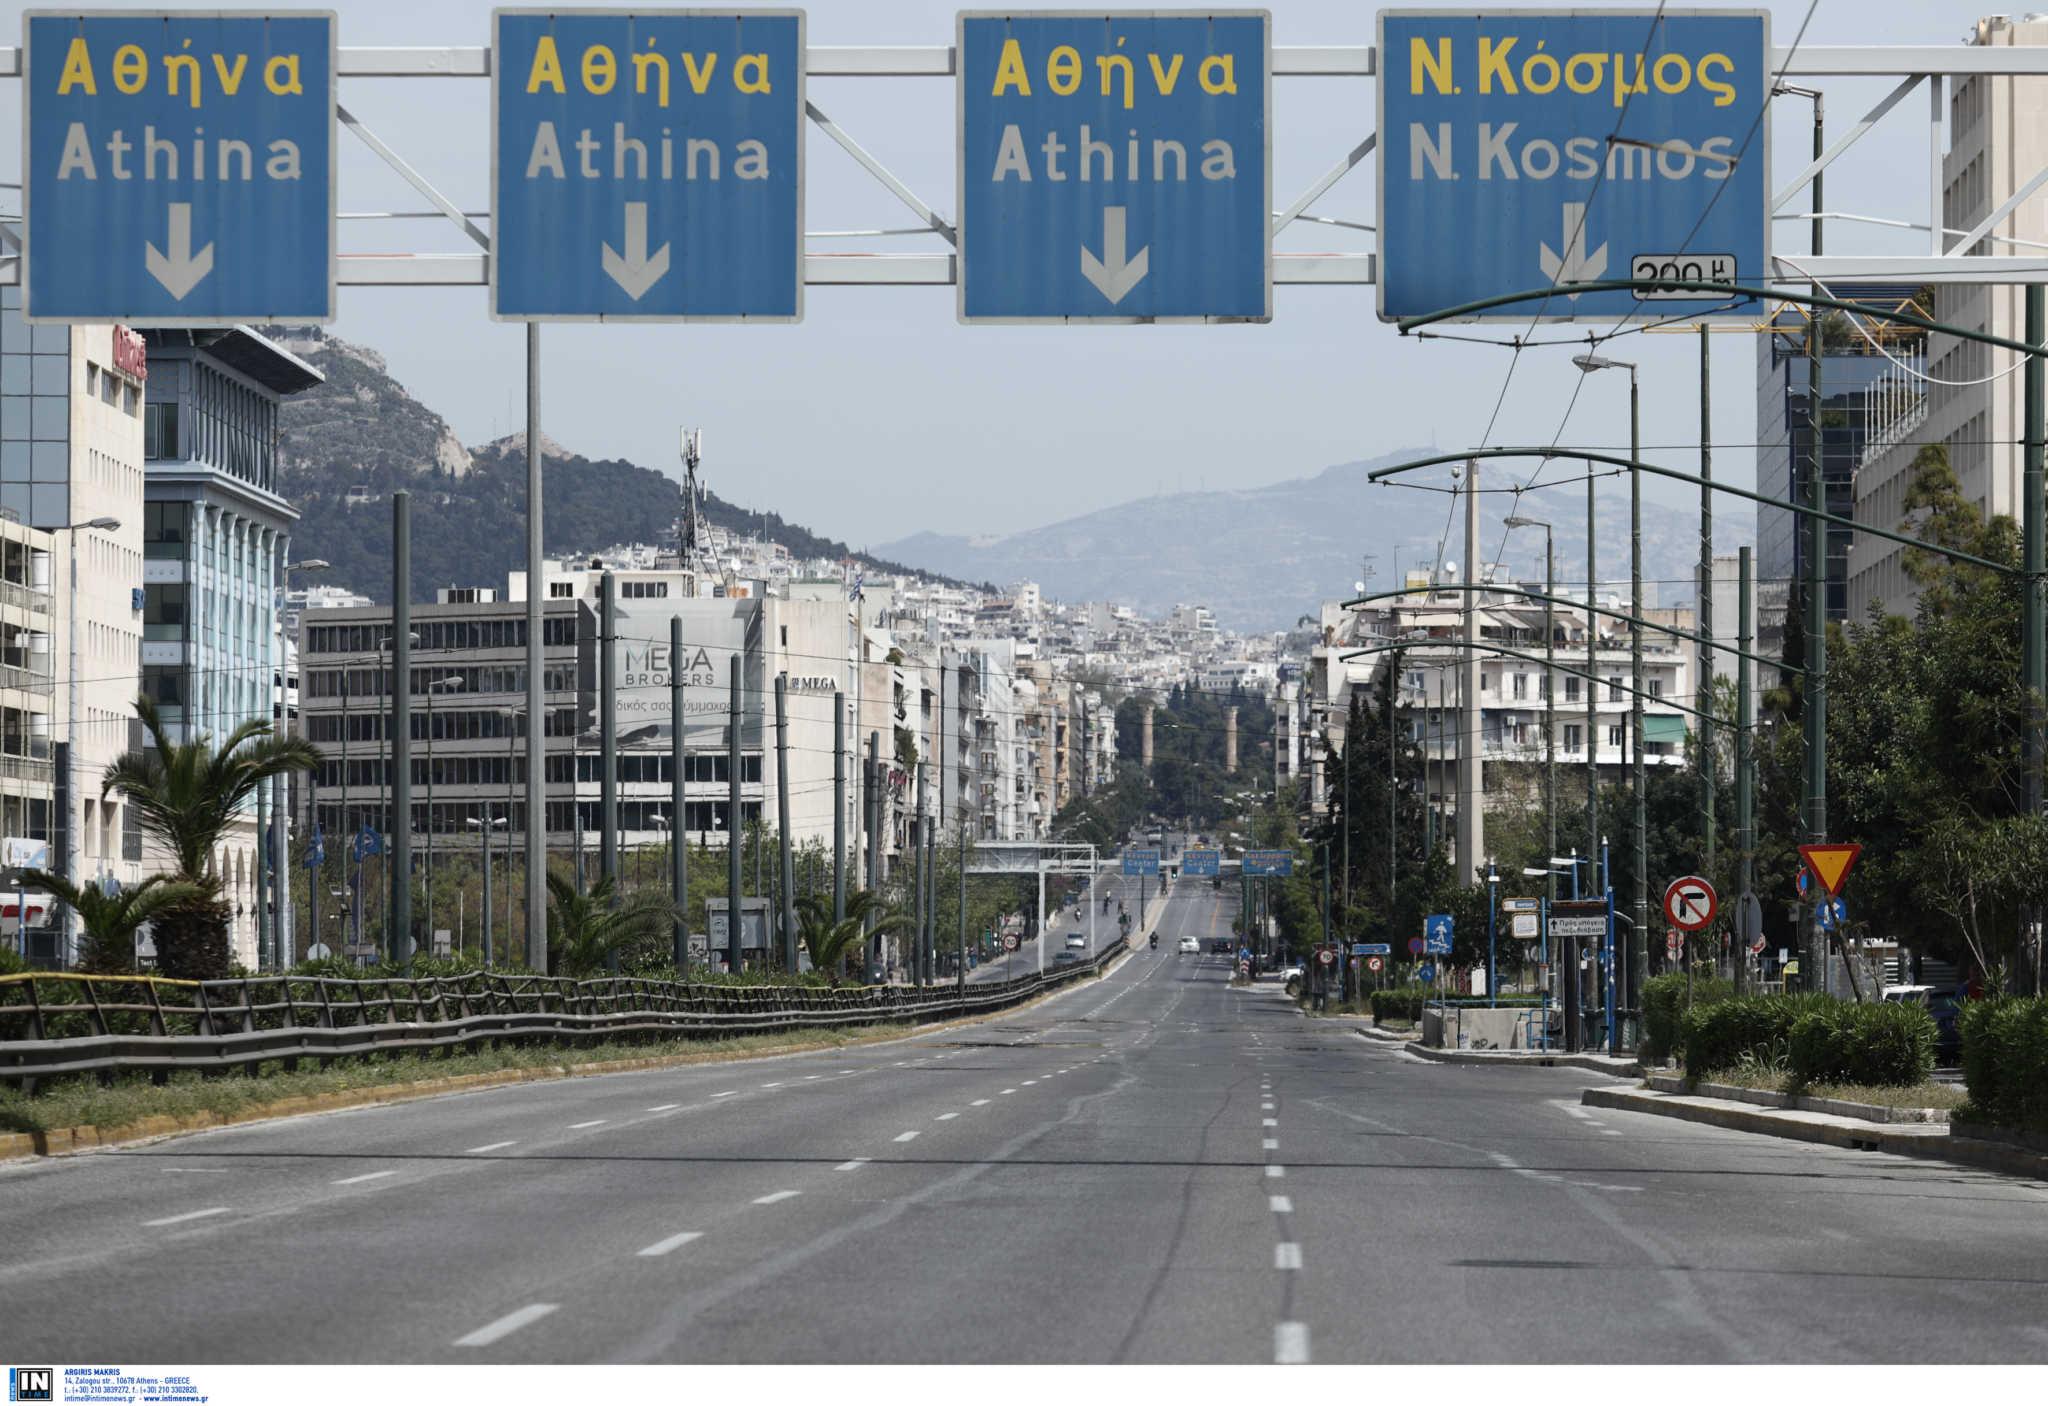 Κορονοϊός: Lockdown σε 10 μέρες αν δεν αποδώσουν τα μέτρα στην Αττική